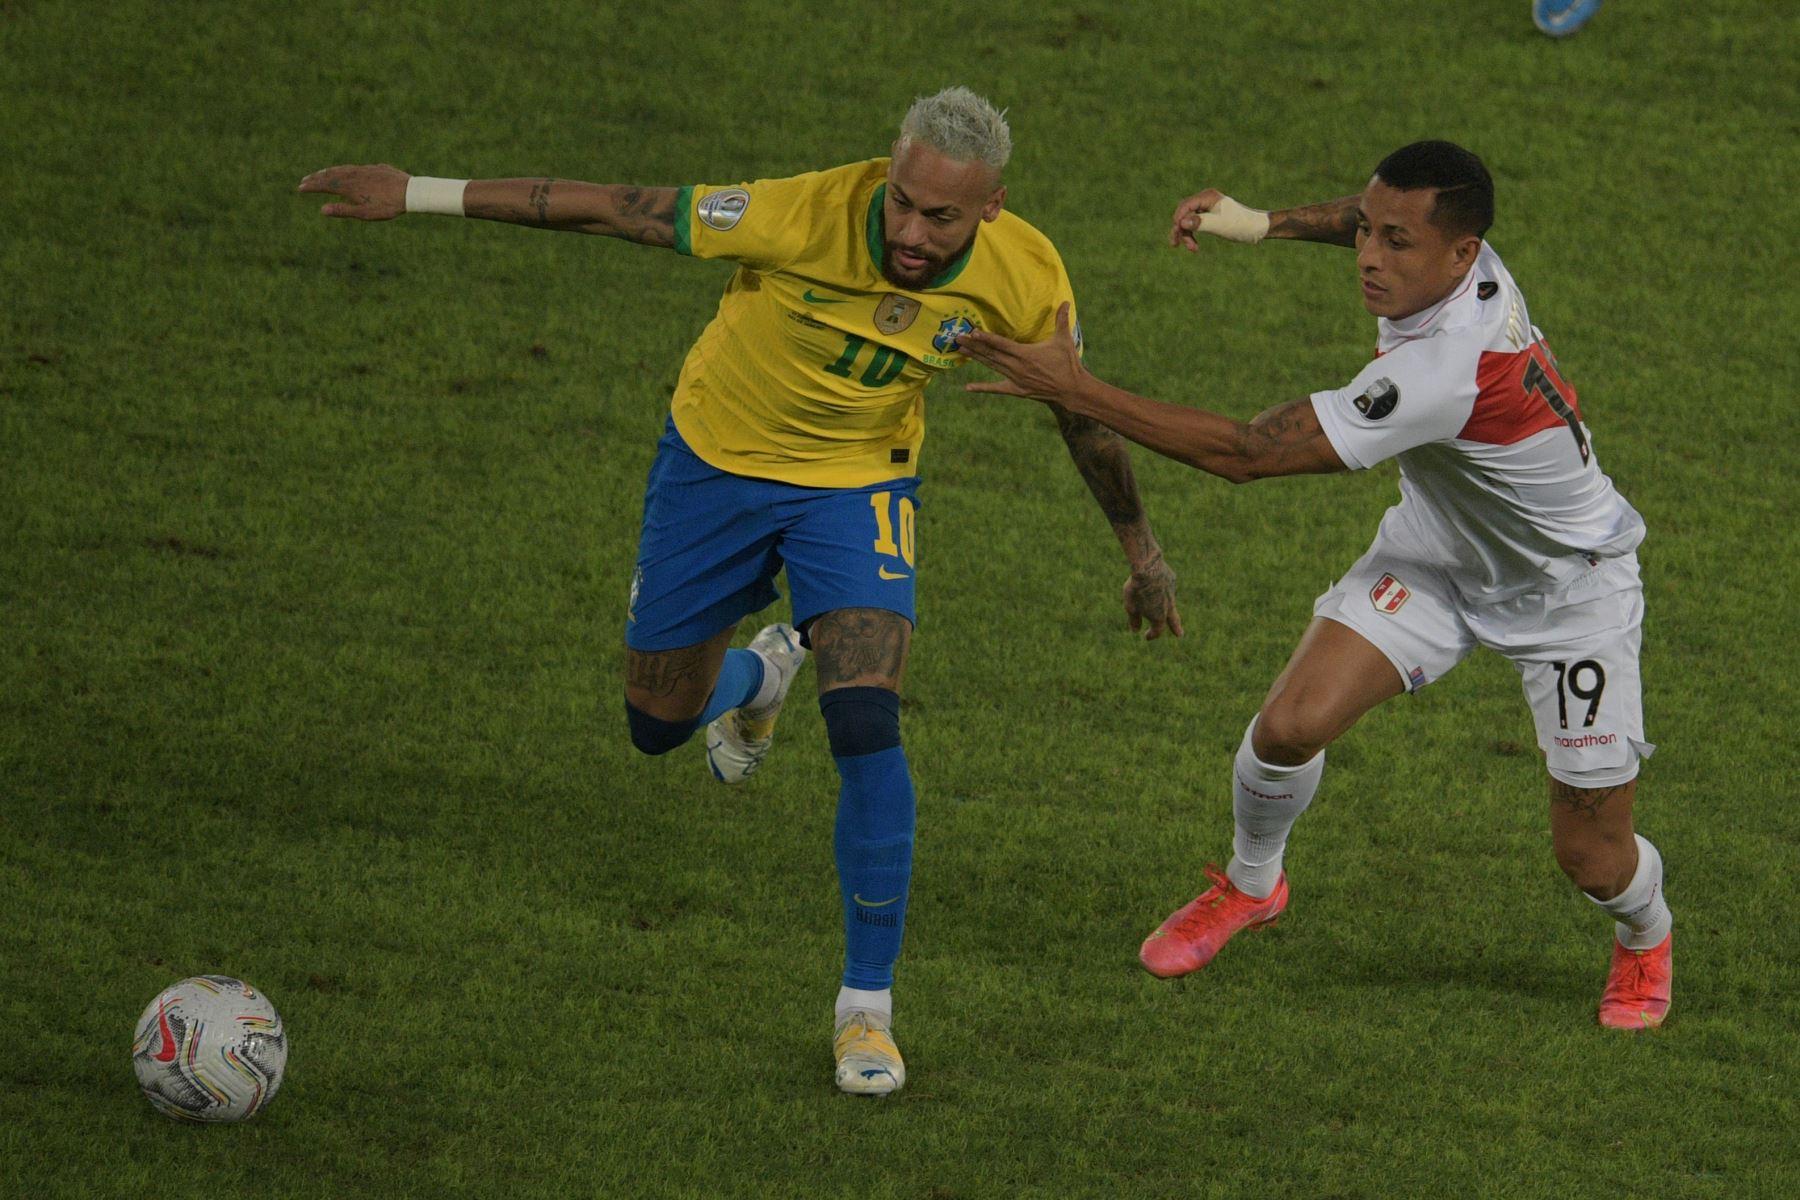 El brasileño Neymar y el peruano Yoshimar Yotun compiten por el balón durante el partido de la fase de grupos de la Copa América 2021, en el estadio Nilton Santos de Río de Janeiro, Brasil. Foto: AFP